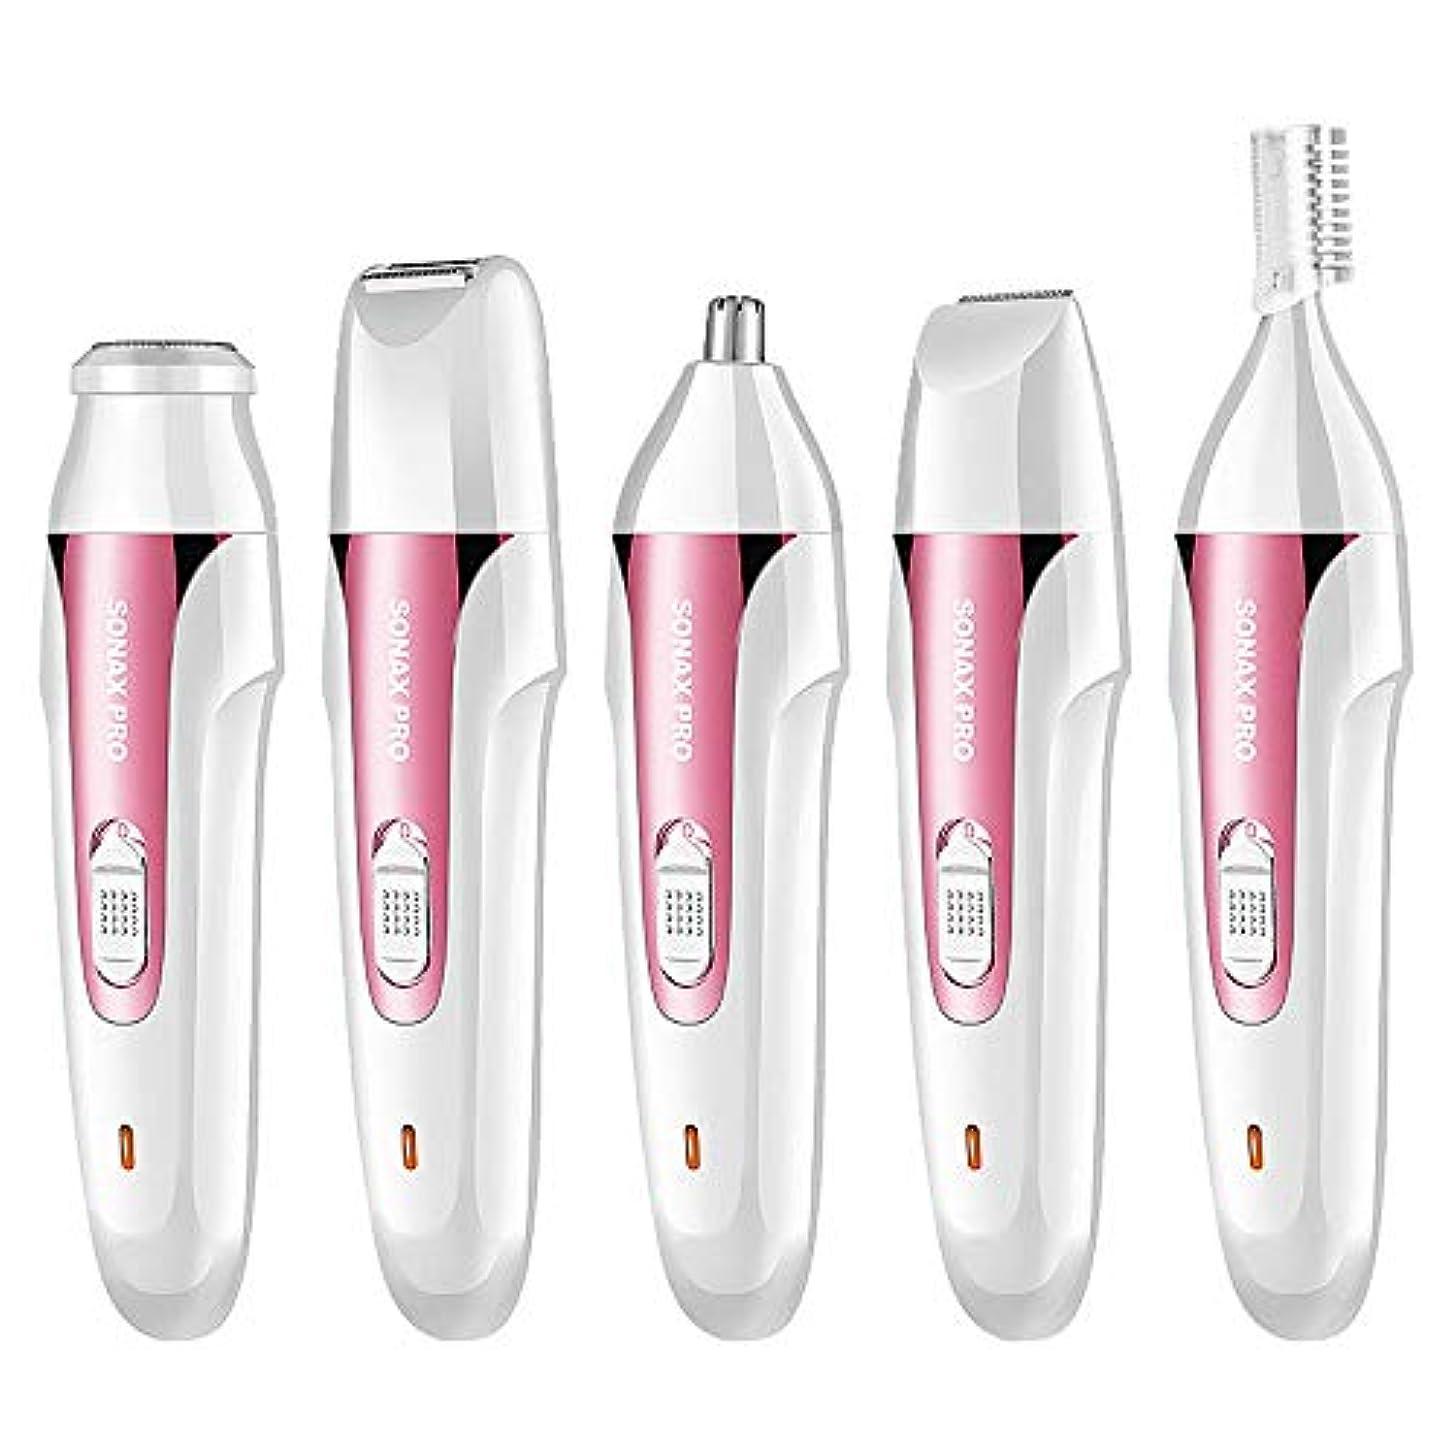 無駄だ軌道かる電気鼻耳トリマー、眉毛トリマー、オールインONEヘアーリムーバー女性、無痛カミソリテクノロジー メンズ ムダ毛トリマー 耳毛 鼻毛切り (Color : Pink, Size : USB)